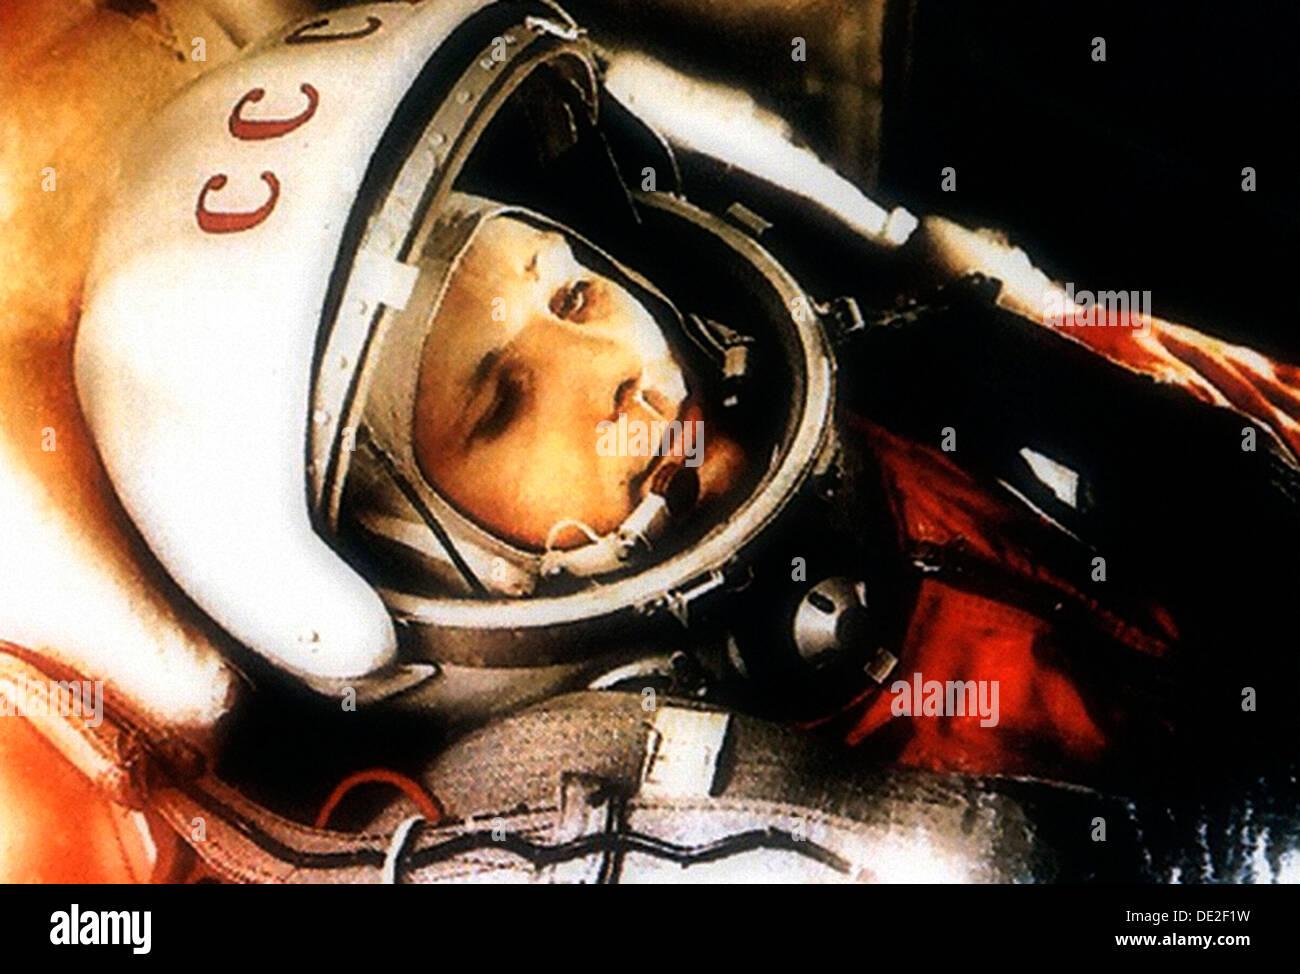 Yuri Gagarin, Russian cosmonaut, 1961. - Stock Image